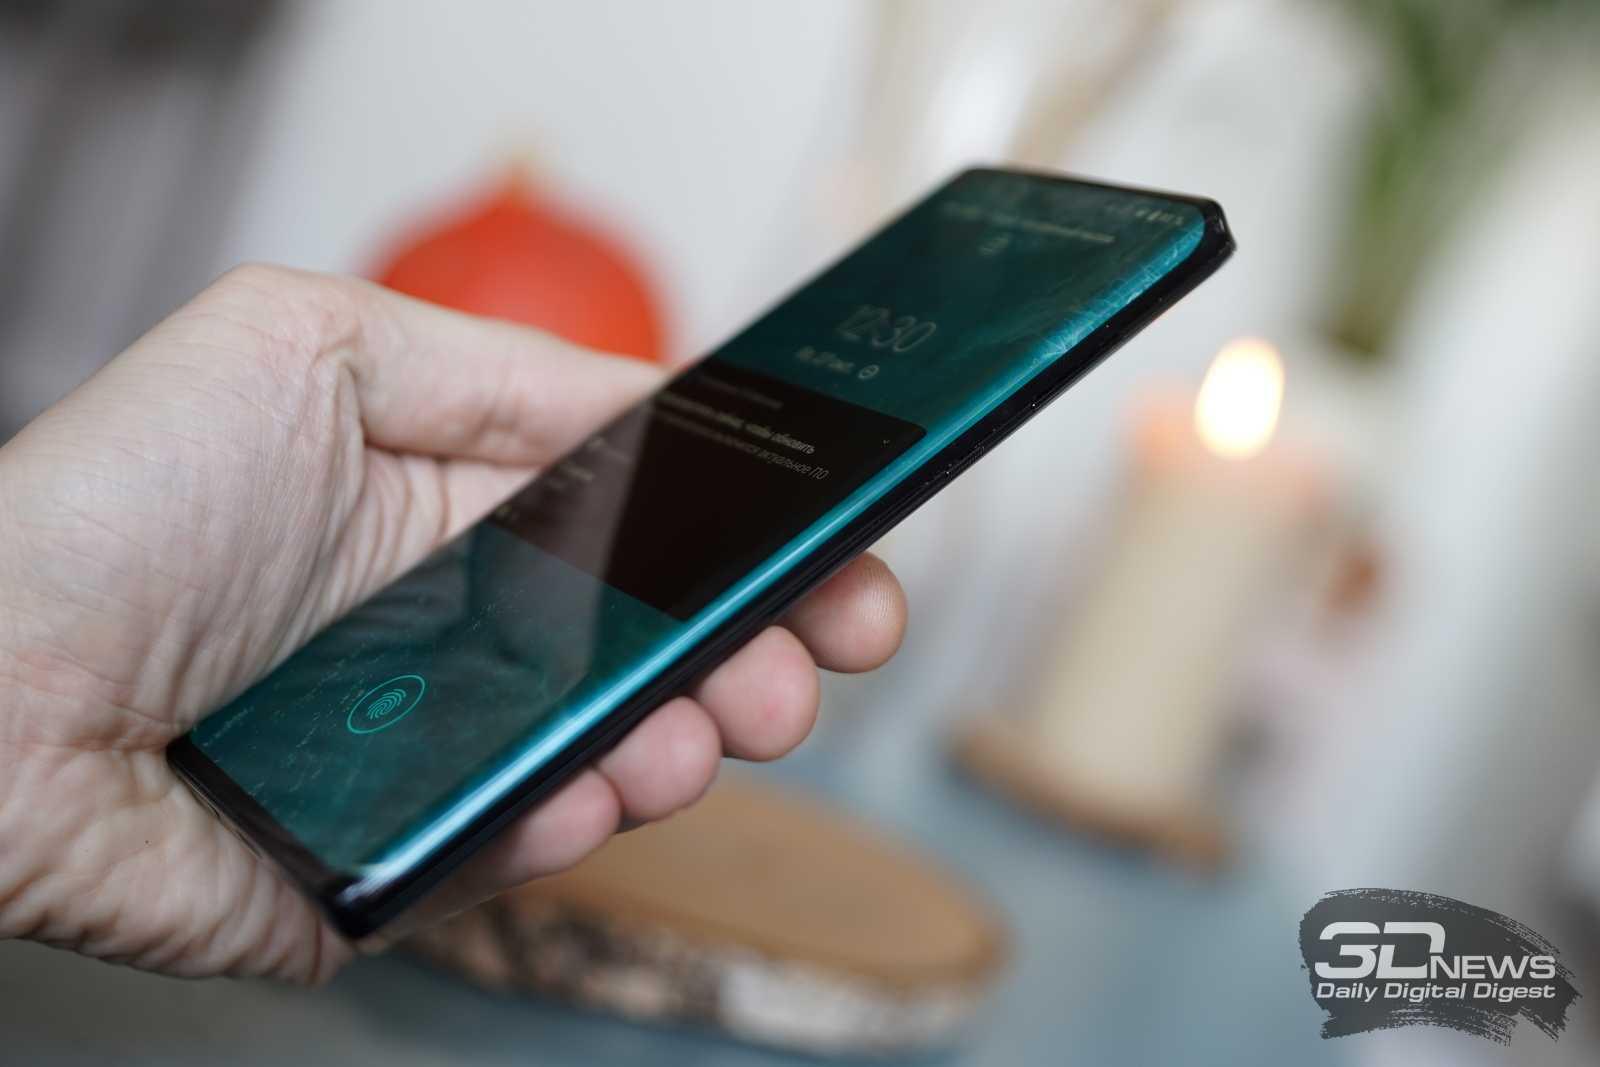 Специалисты DxOMark протестировали Edge и дали новому смартфону довольно приятную оценку Выше чем у iPhone 11 и даже Pixel 4 Речь идет о новом флагмане со 108-мп